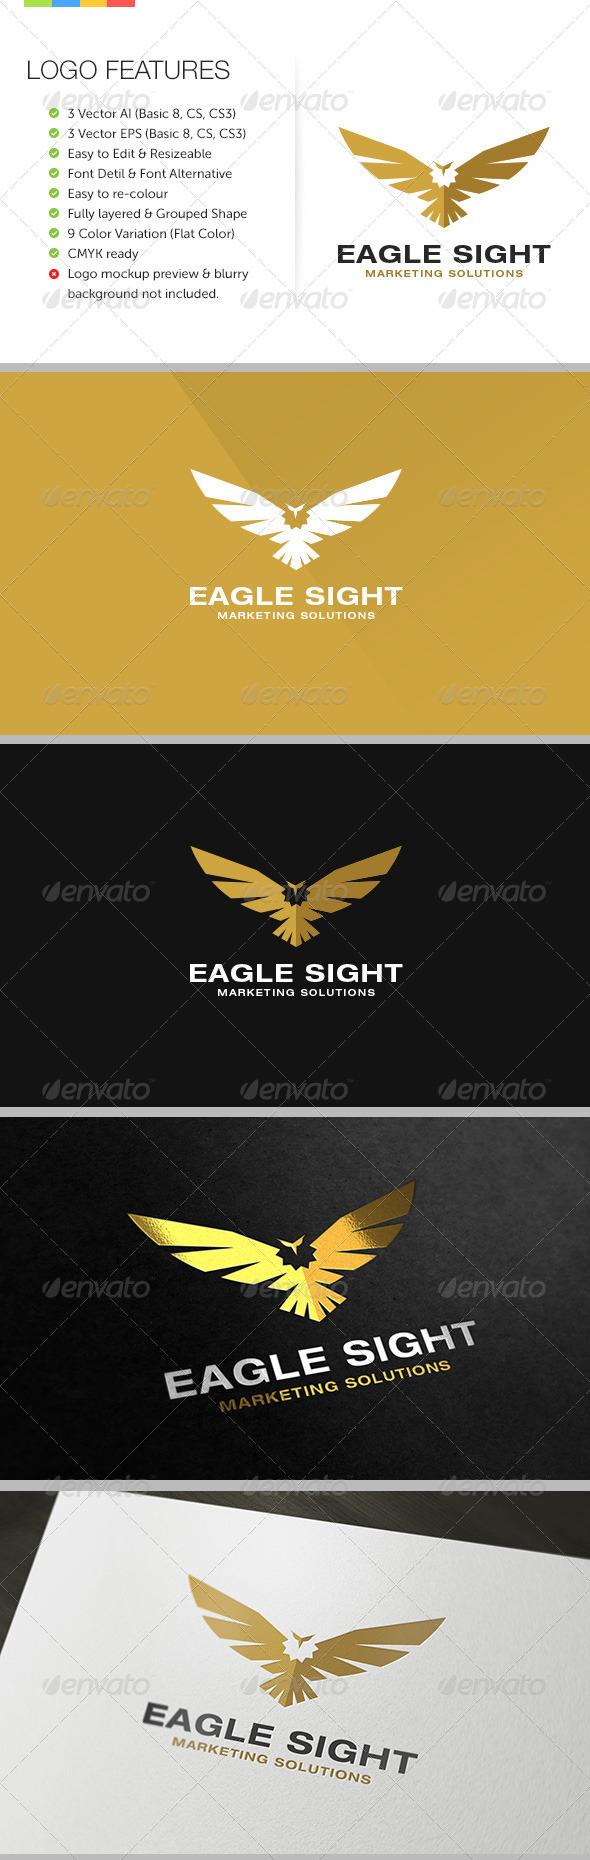 GraphicRiver Eagle Sight Logo 6190935